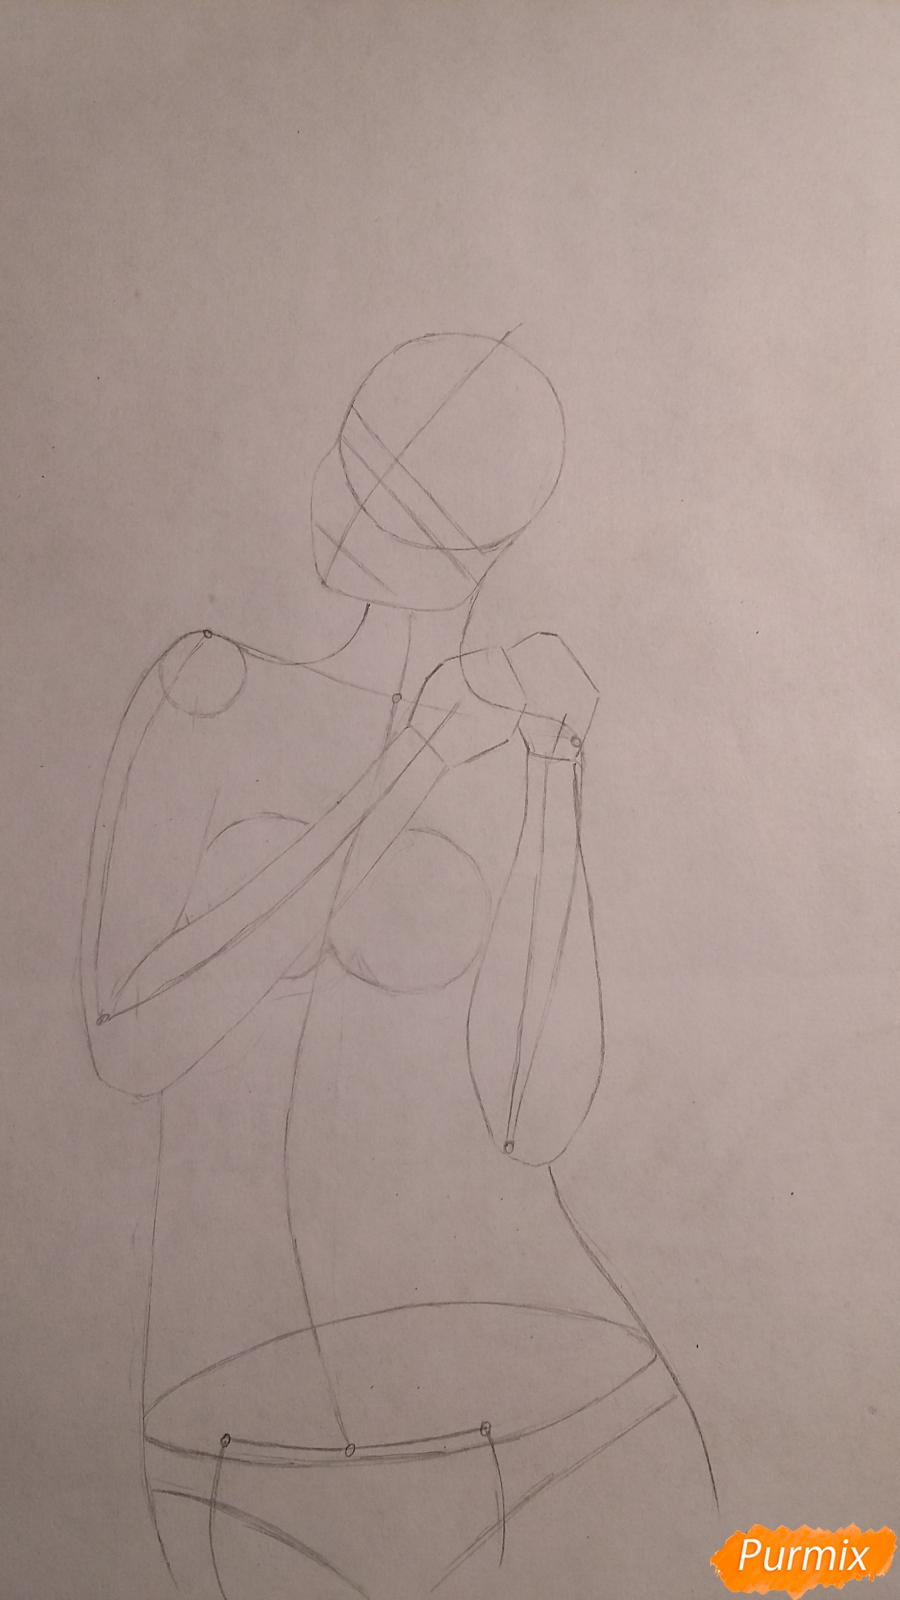 Как нарисовать милую девушку в аниме стиле карандашами поэтапно - шаг 2